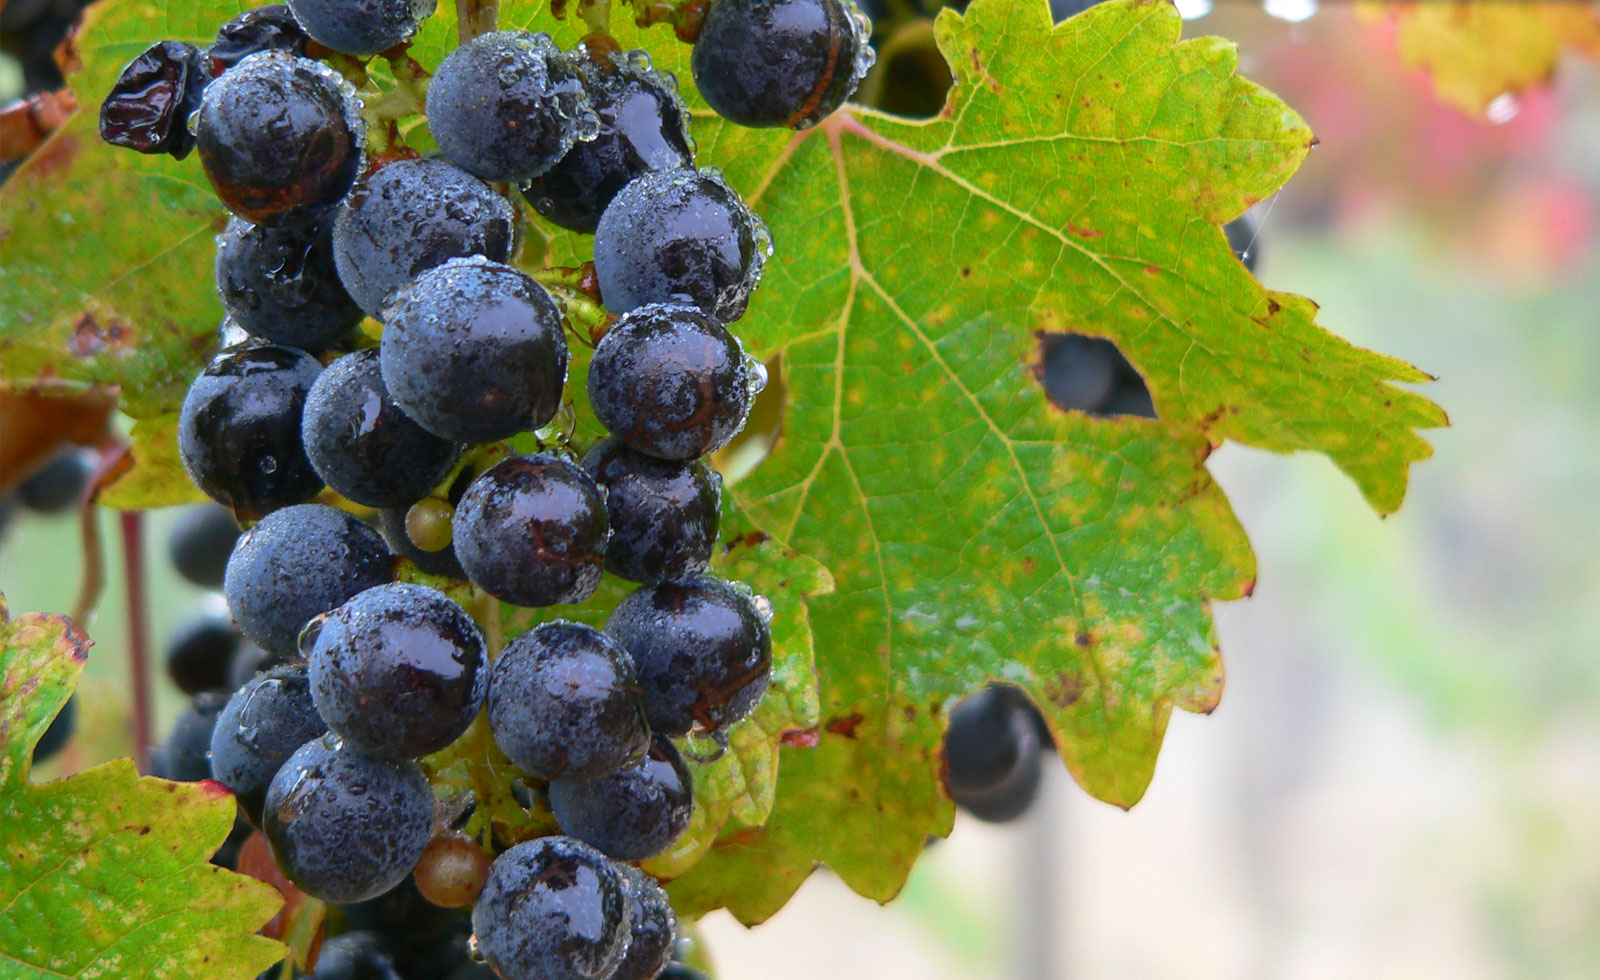 【カリフォルニアワイン初歩の初歩】カベルネ・ソーヴィニヨンはロックンロール♪